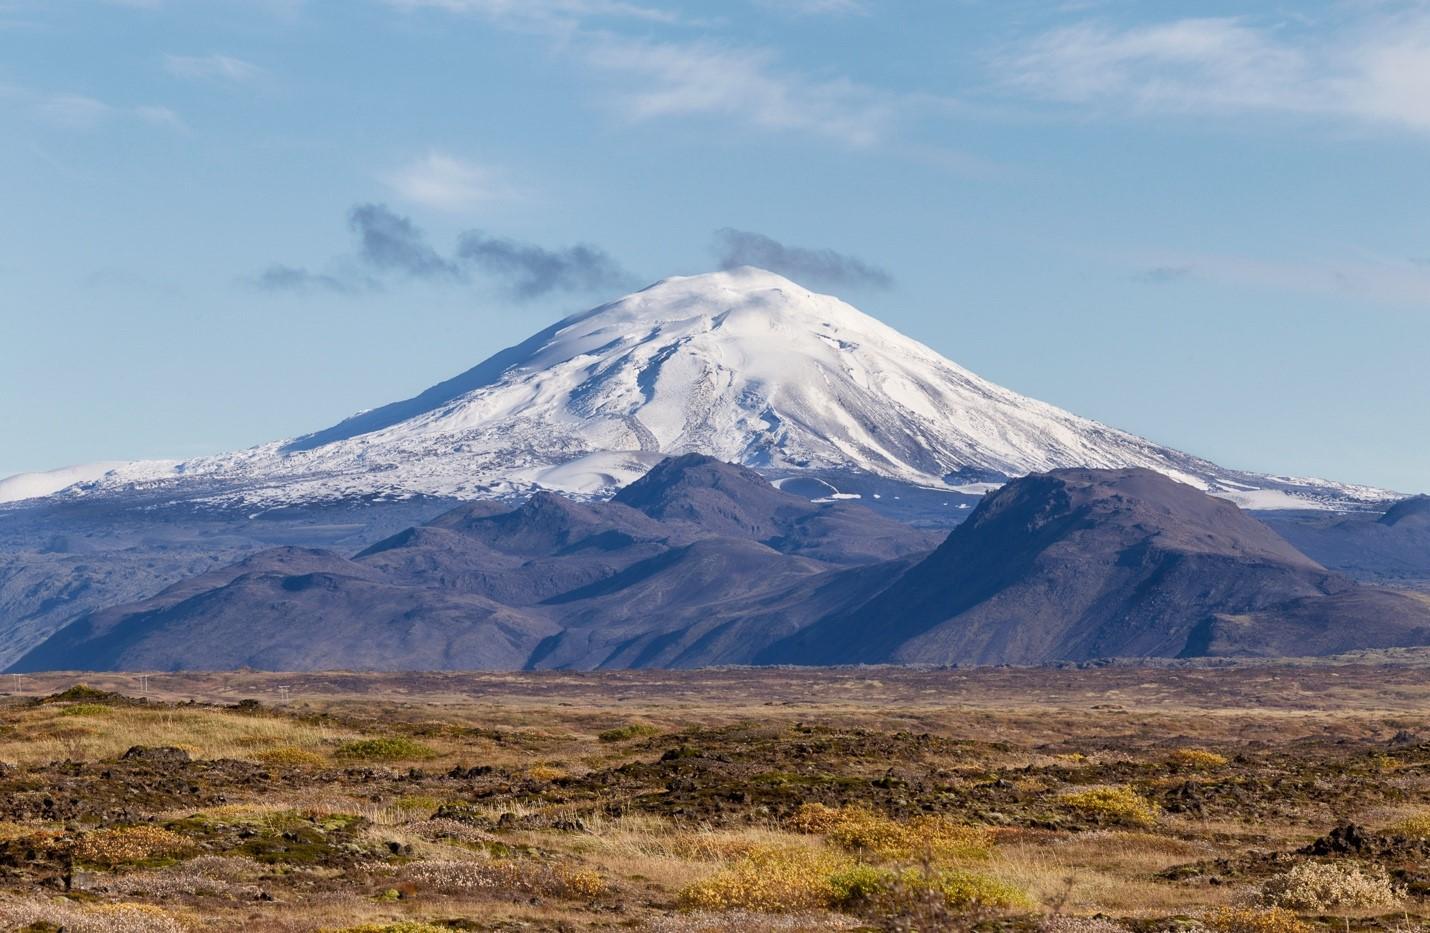 Volcano hekla - mount hekla